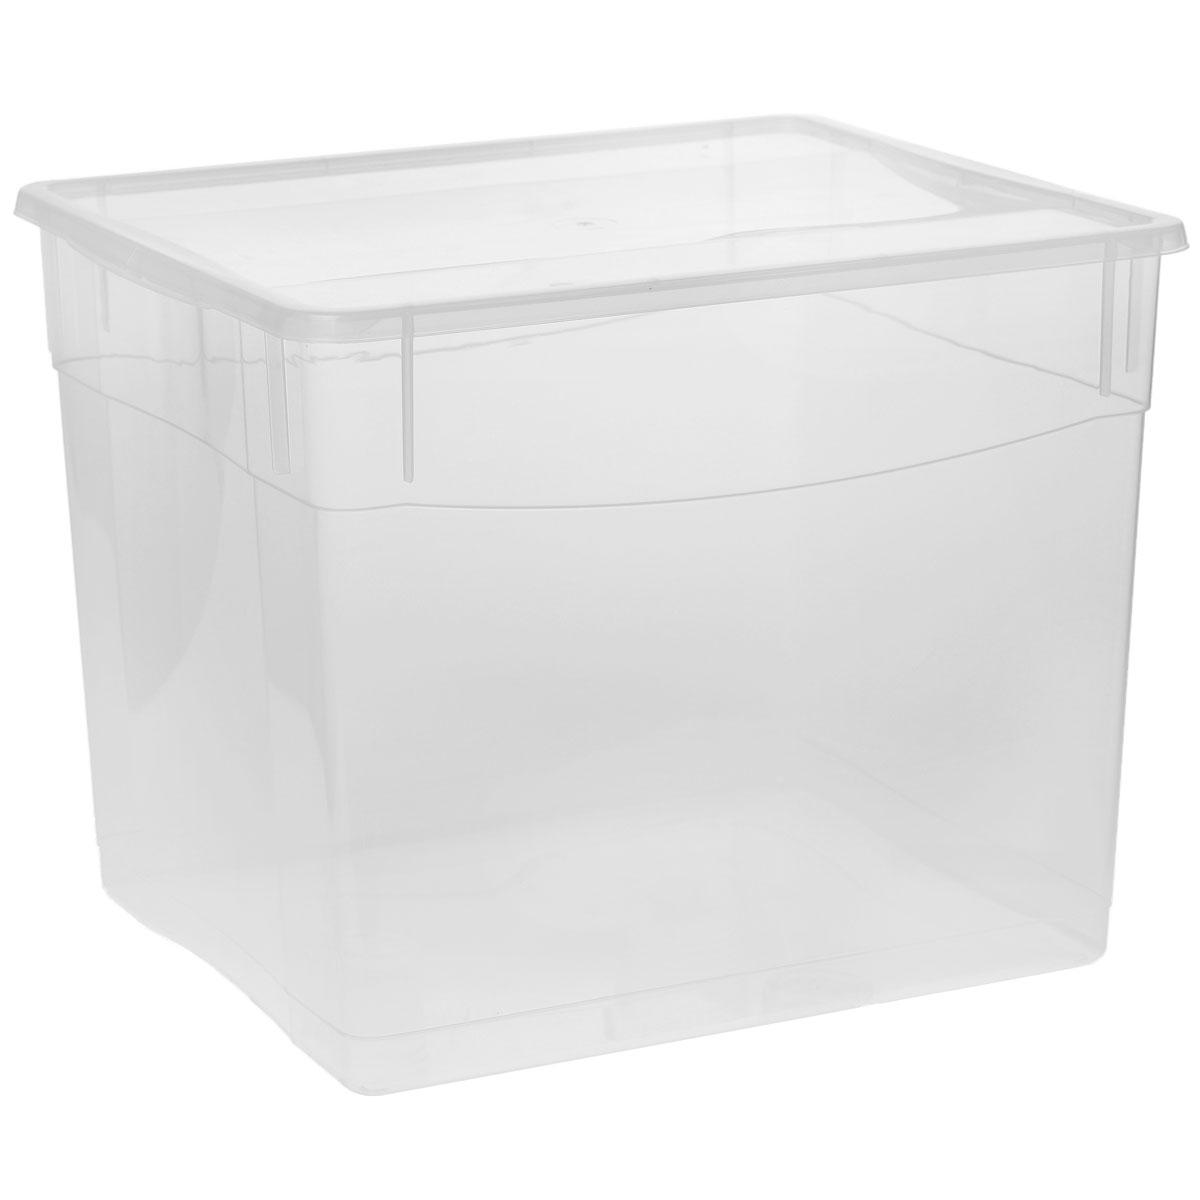 Ящик универсальный Econova Кристалл, 40 х 33,5 х 31,5 смС12815Прямоугольный ящик Econova Кристалл выполнен из высококачественного прозрачного полипропилена. Ящик плотно закрывается крышкой и оснащен ручками. Подходит для хранения одежды и различных бытовых вещей. Ящик Econova Кристалл очень вместителен и поможет вам хранить все необходимое в одном месте. Объем: 34 л.